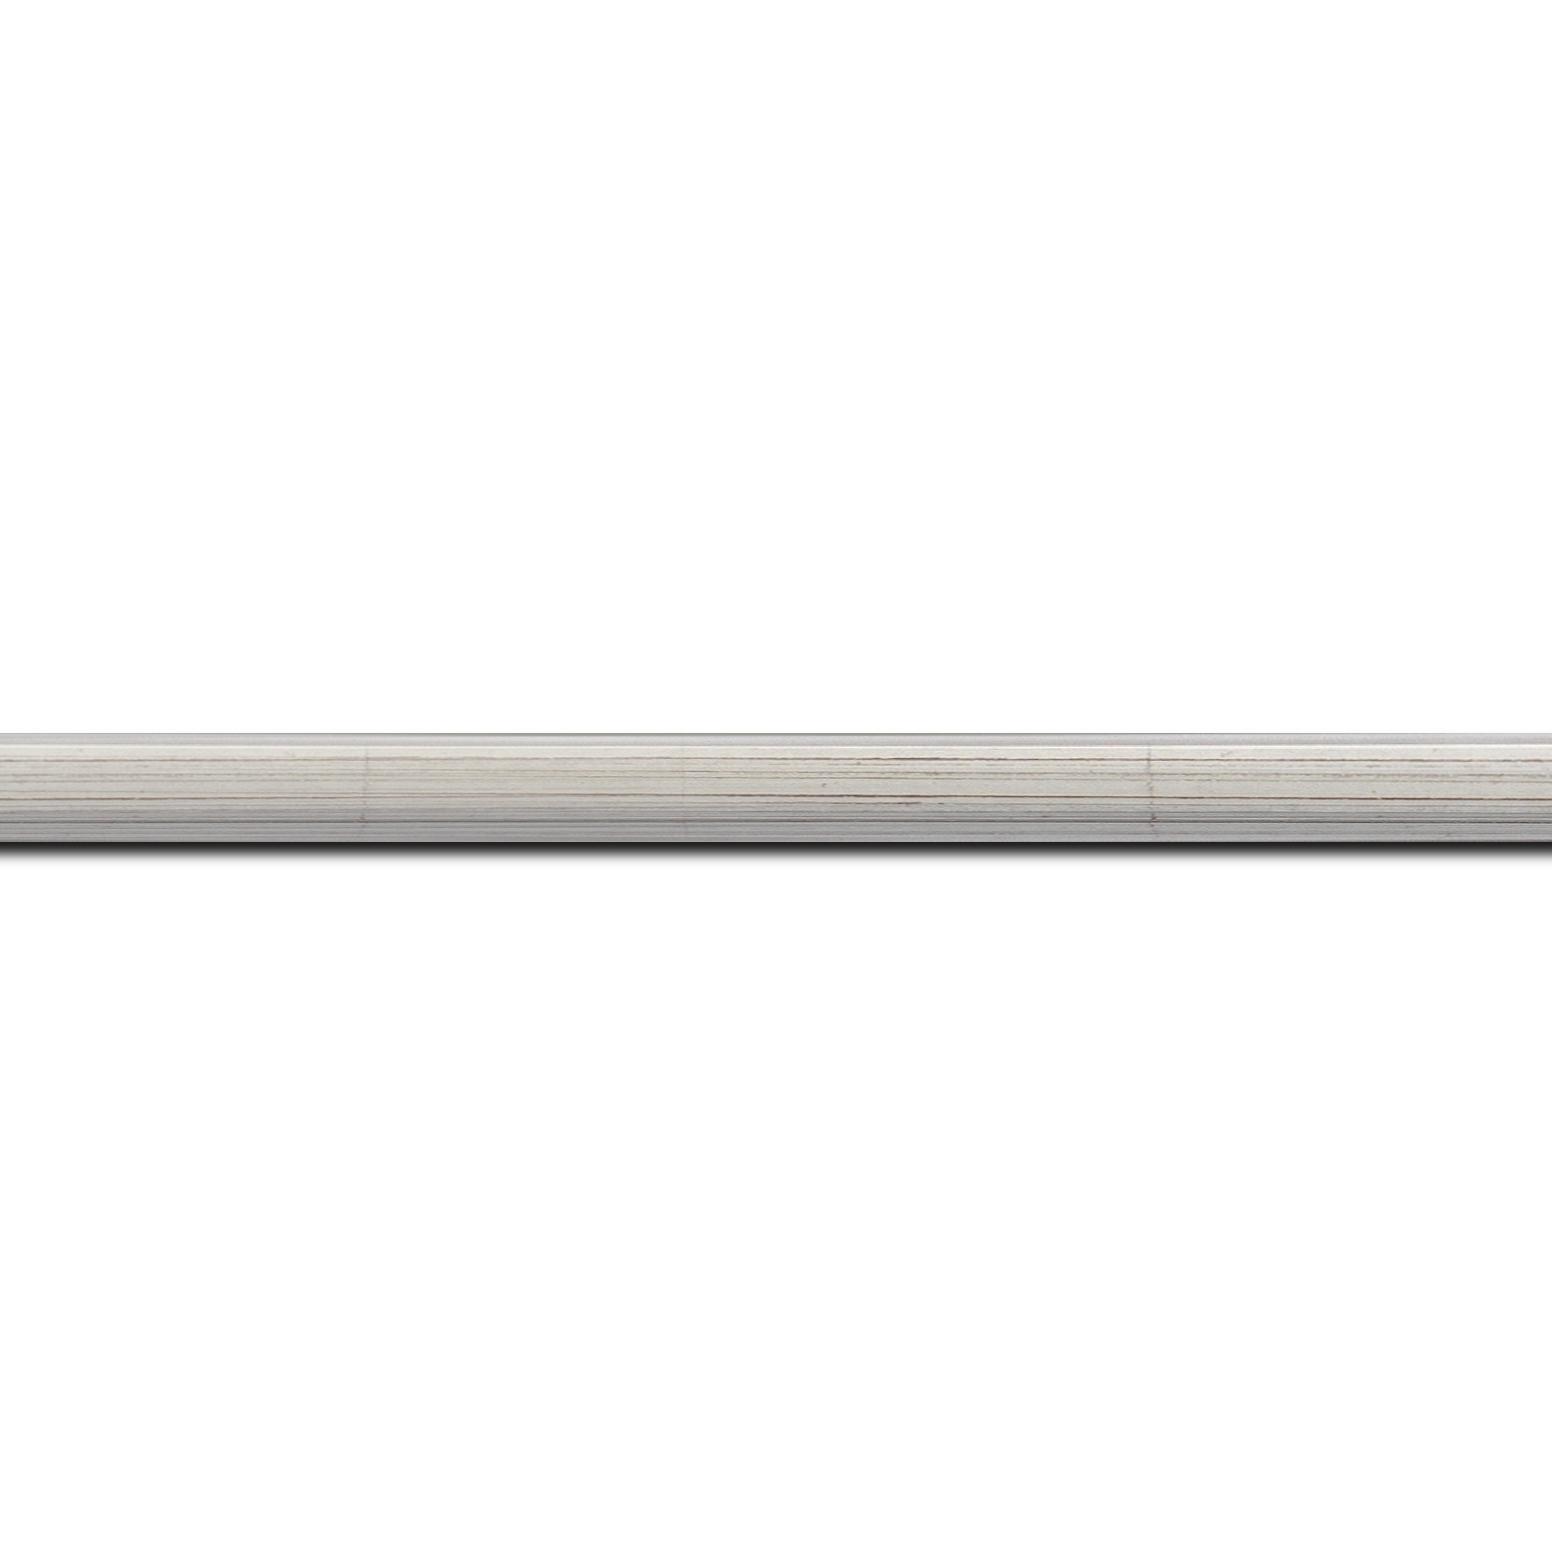 Pack par 12m, bois profil plat largeur 1.6cm argent patiné à la feuille nez chanfrein (longueur baguette pouvant varier entre 2.40m et 3m selon arrivage des bois)